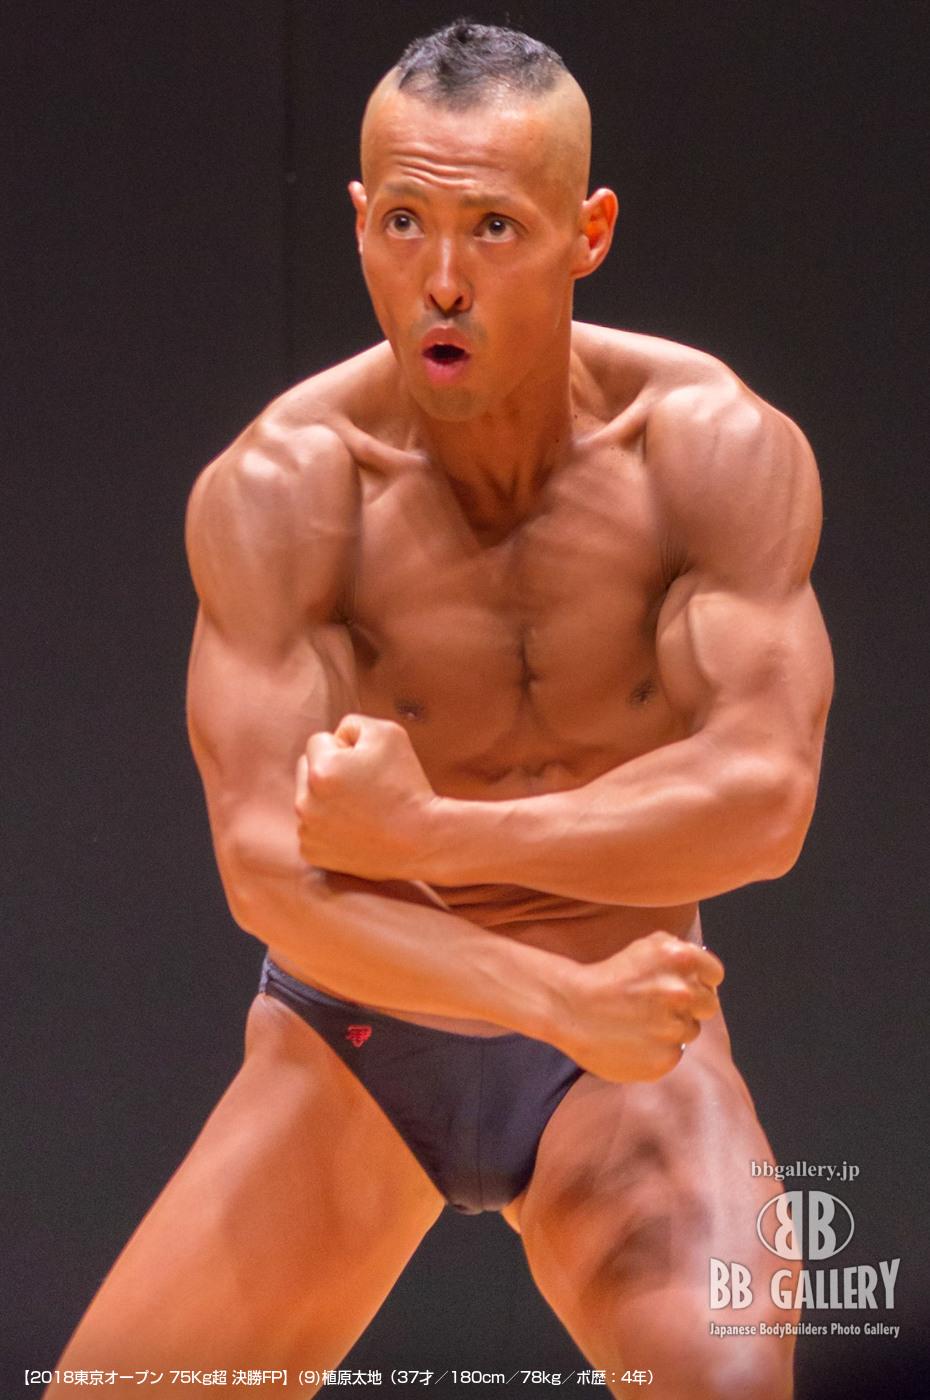 【2018東京オープン 75Kg超 決勝FP】(9)植原太地(37才/180cm/78kg/ボ歴:4年)